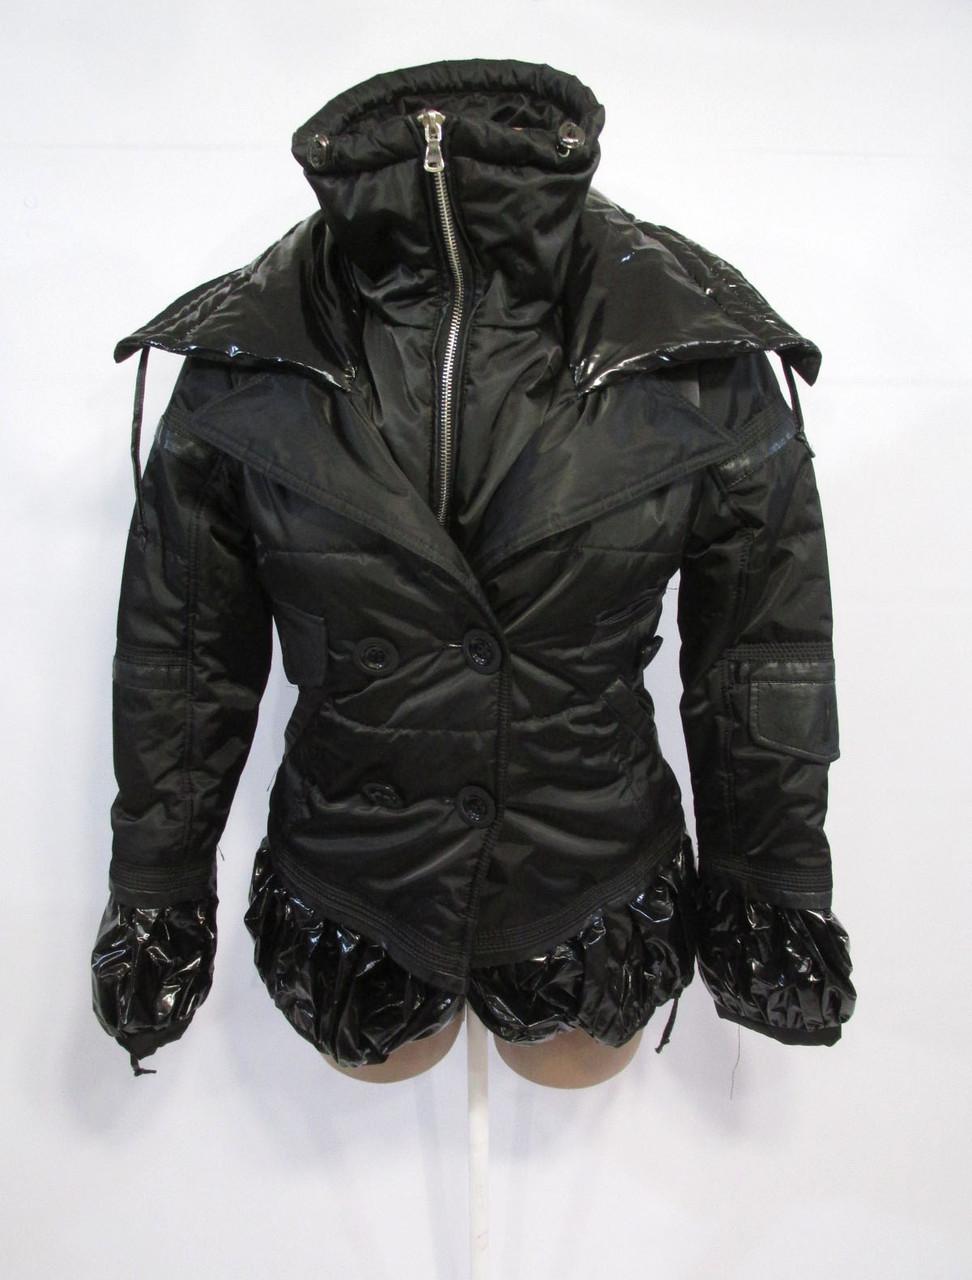 Куртка S - Куртки Объявления в Украине на BESPLATKA.ua - страница 9 b6f2c50a0c870